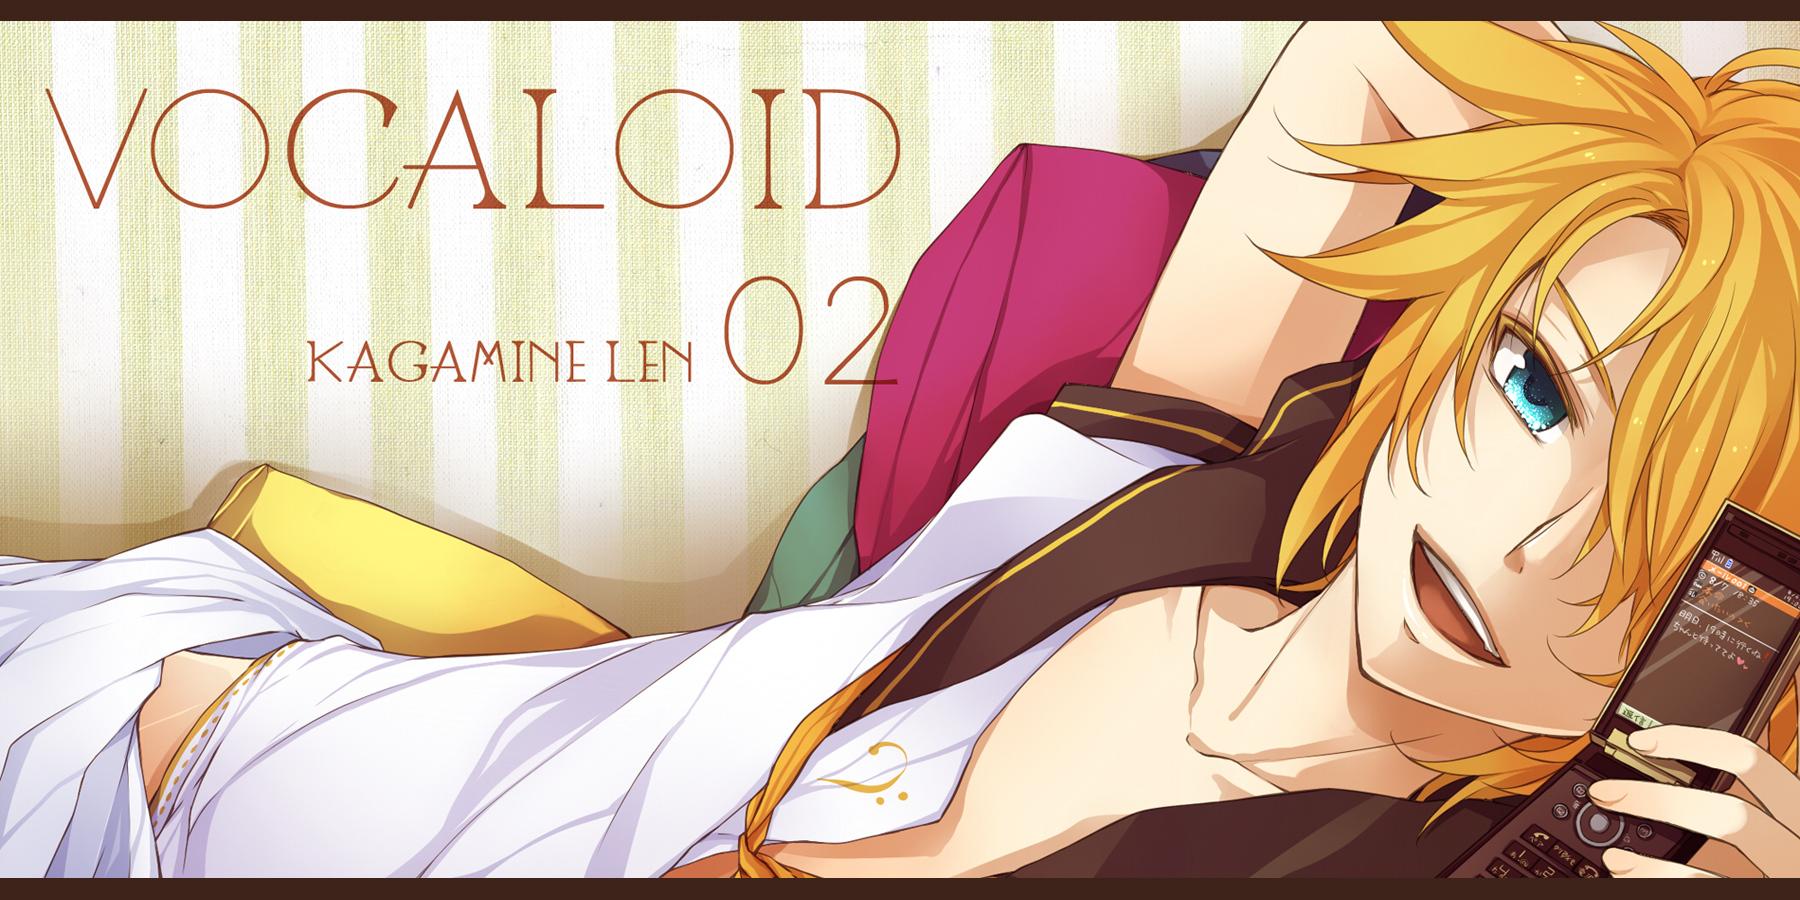 Vocaloid is great ! Kawaii-len-kagamine-28494204-1800-900